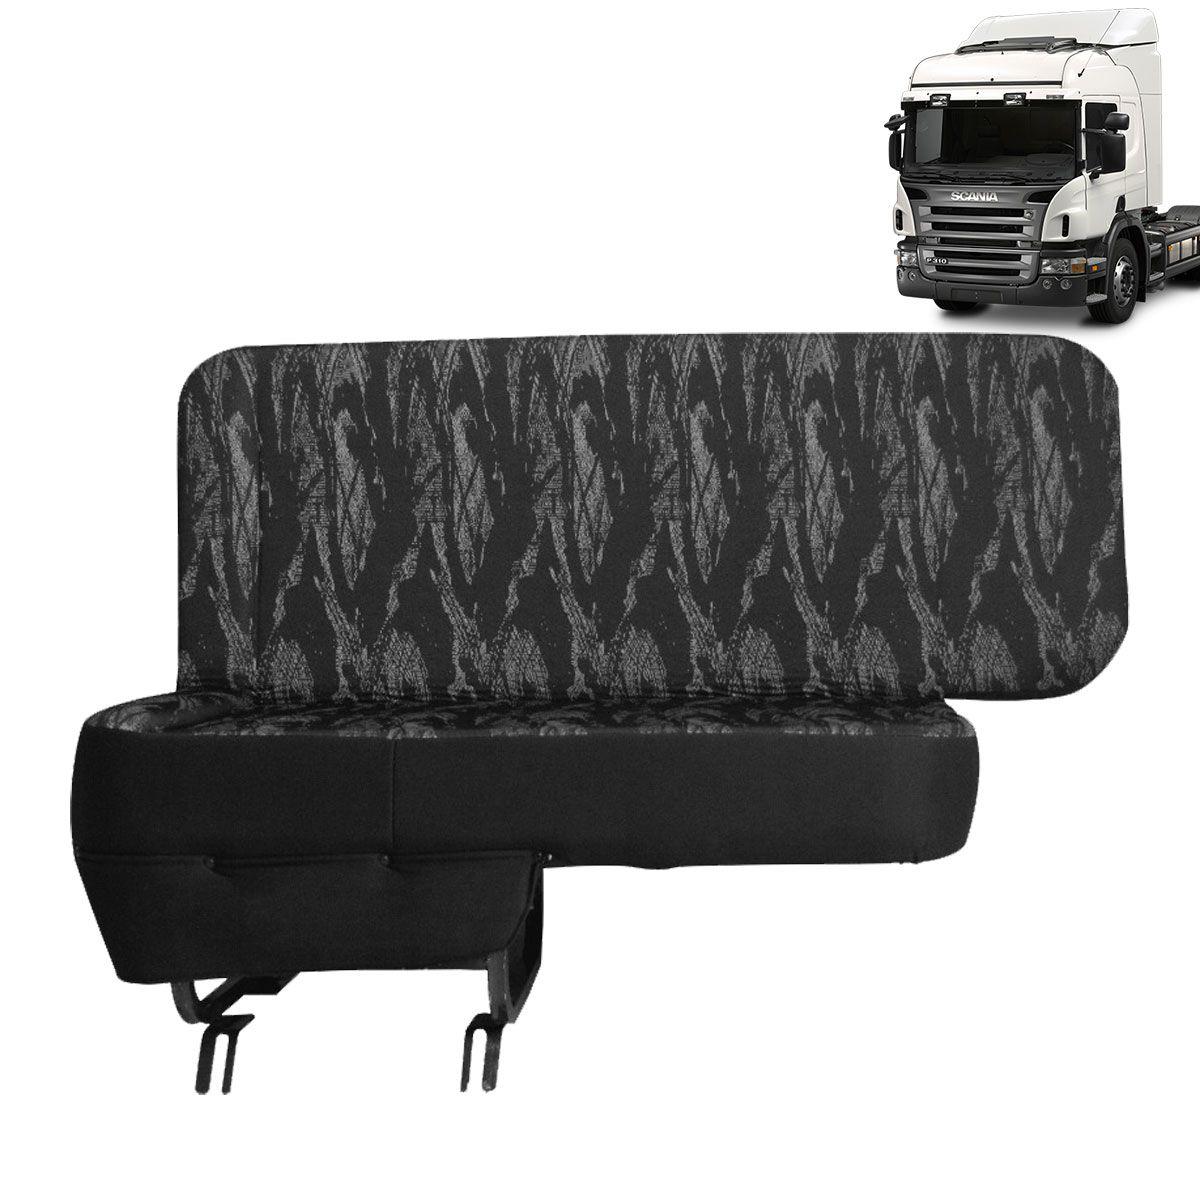 Sofá Cama Compatível com o Caminhão Scania Automático Lado Carona